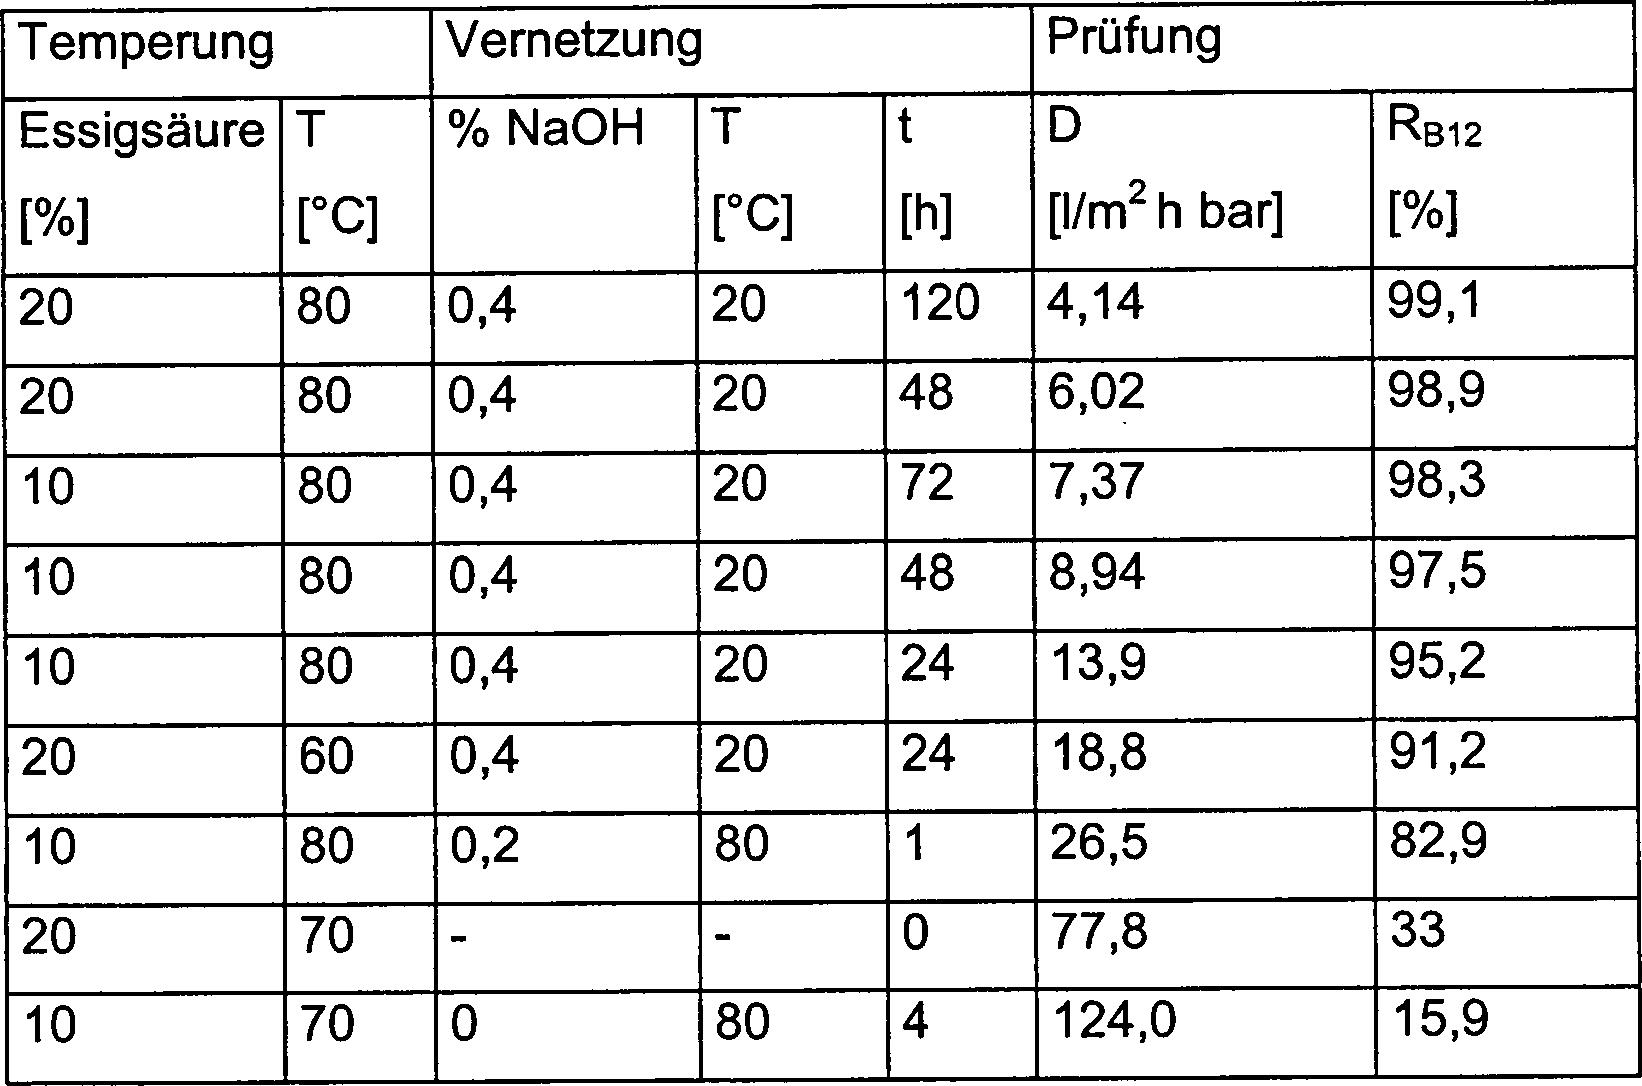 DE102004053787B4 - Cellulose hydrate ultrafiltration membranes and ...